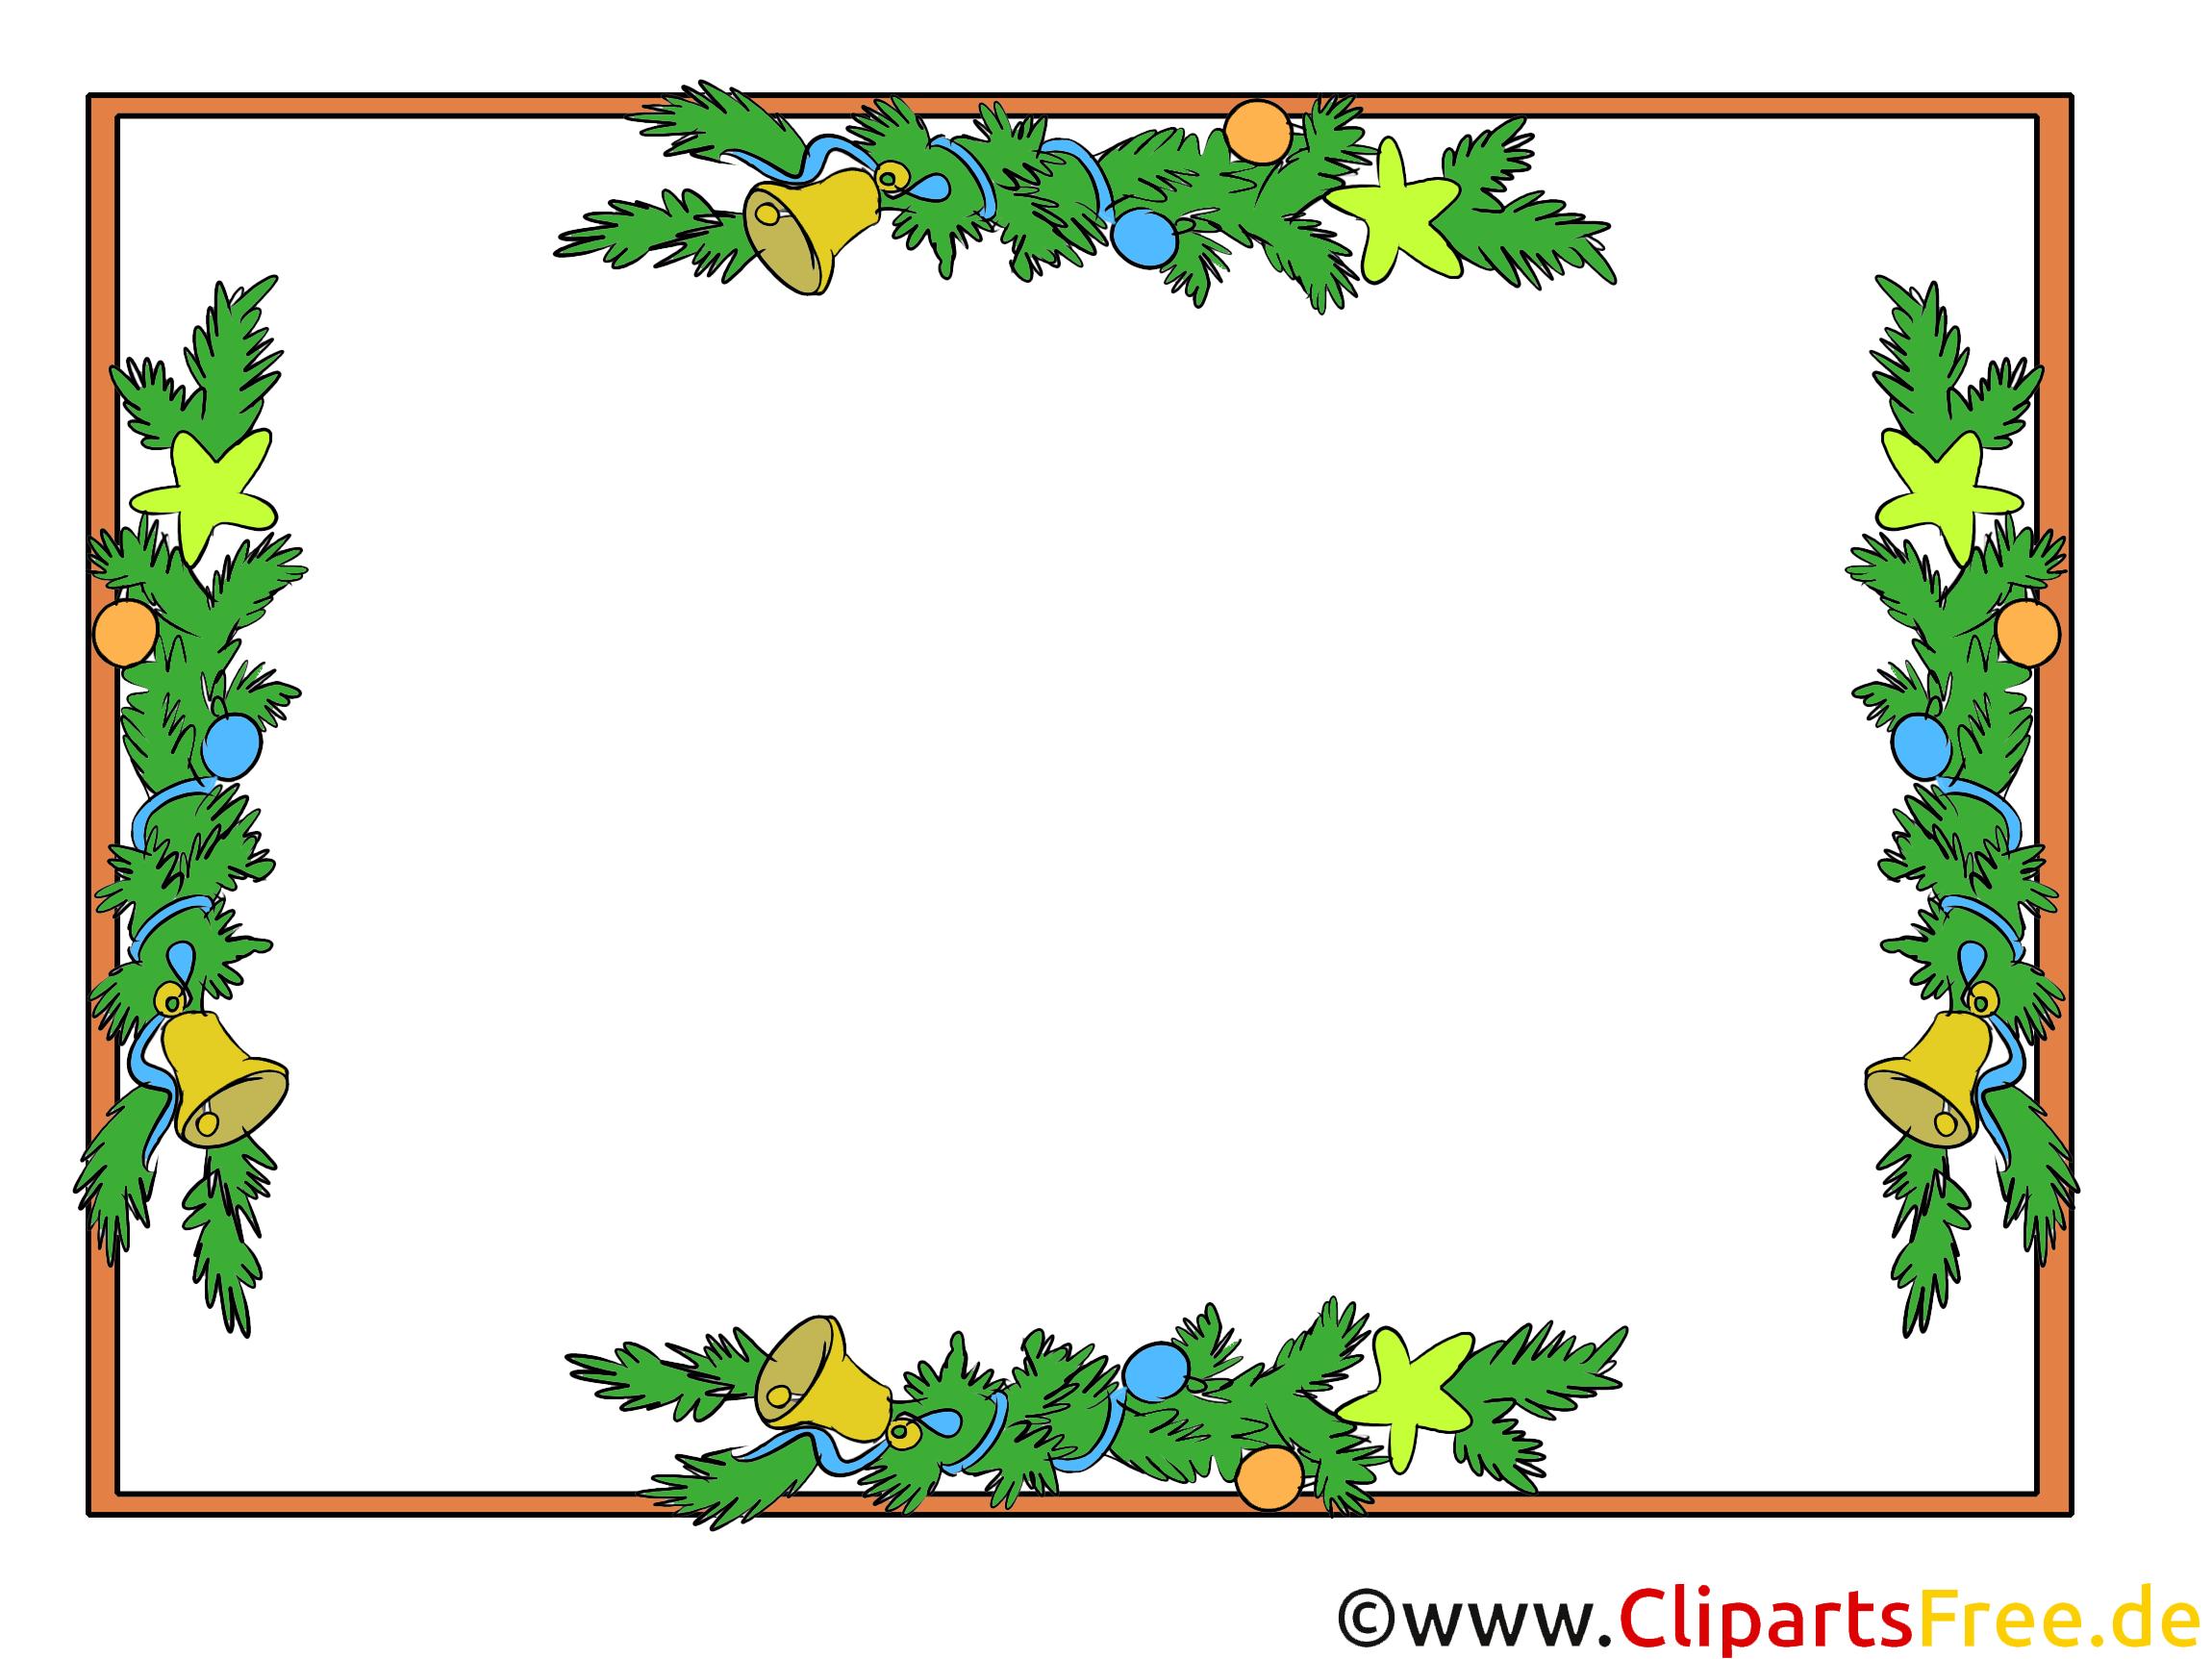 Clipart Weihnachten Rahmen kostenlos